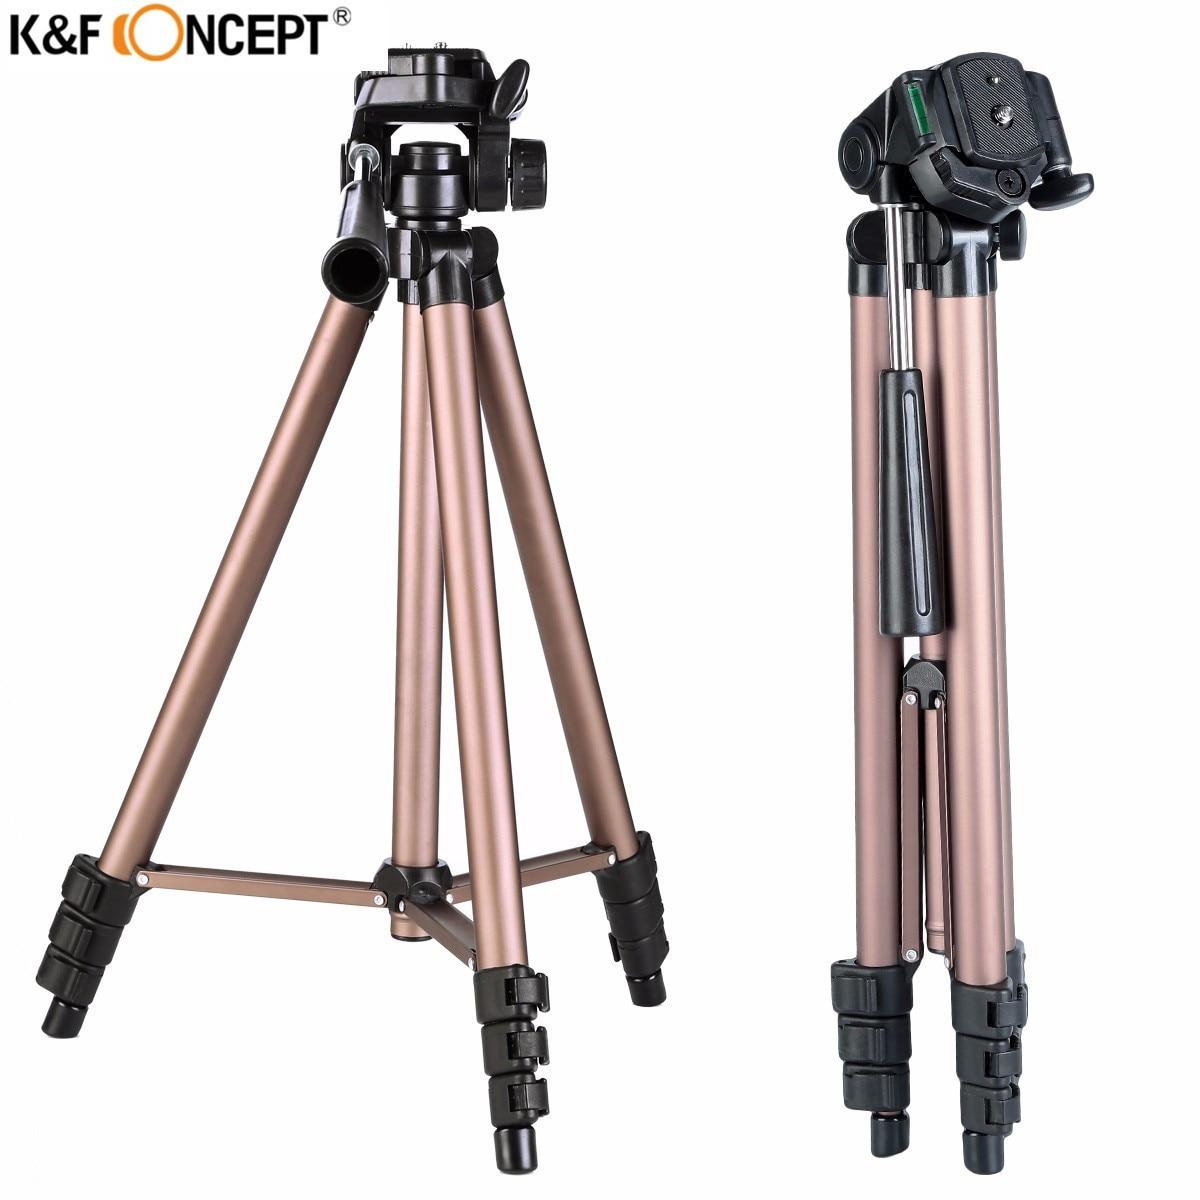 최신 K & F CONCEPT 캐논 니콘 소니 SLR DSLR 디지털 카메라 용 팬 헤드 스탠드와 전문 휴대용 합금 카메라 삼각대